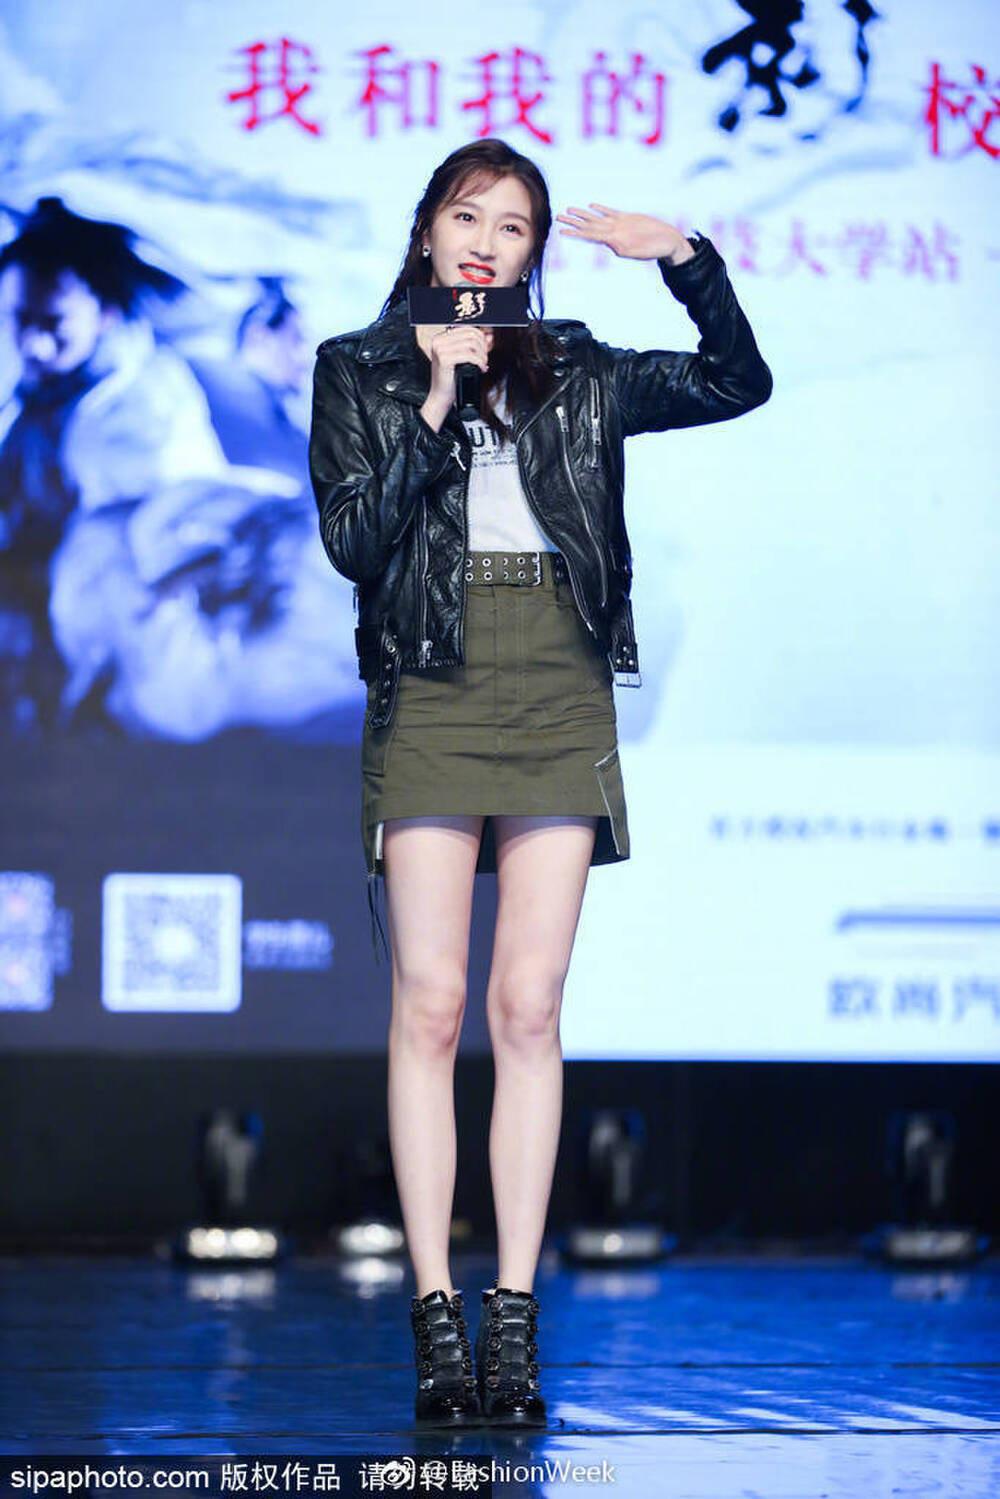 Tiểu Hoa Đán 9x Quan Hiểu Đồng khoe chân dài 108 cm - Ảnh 10.